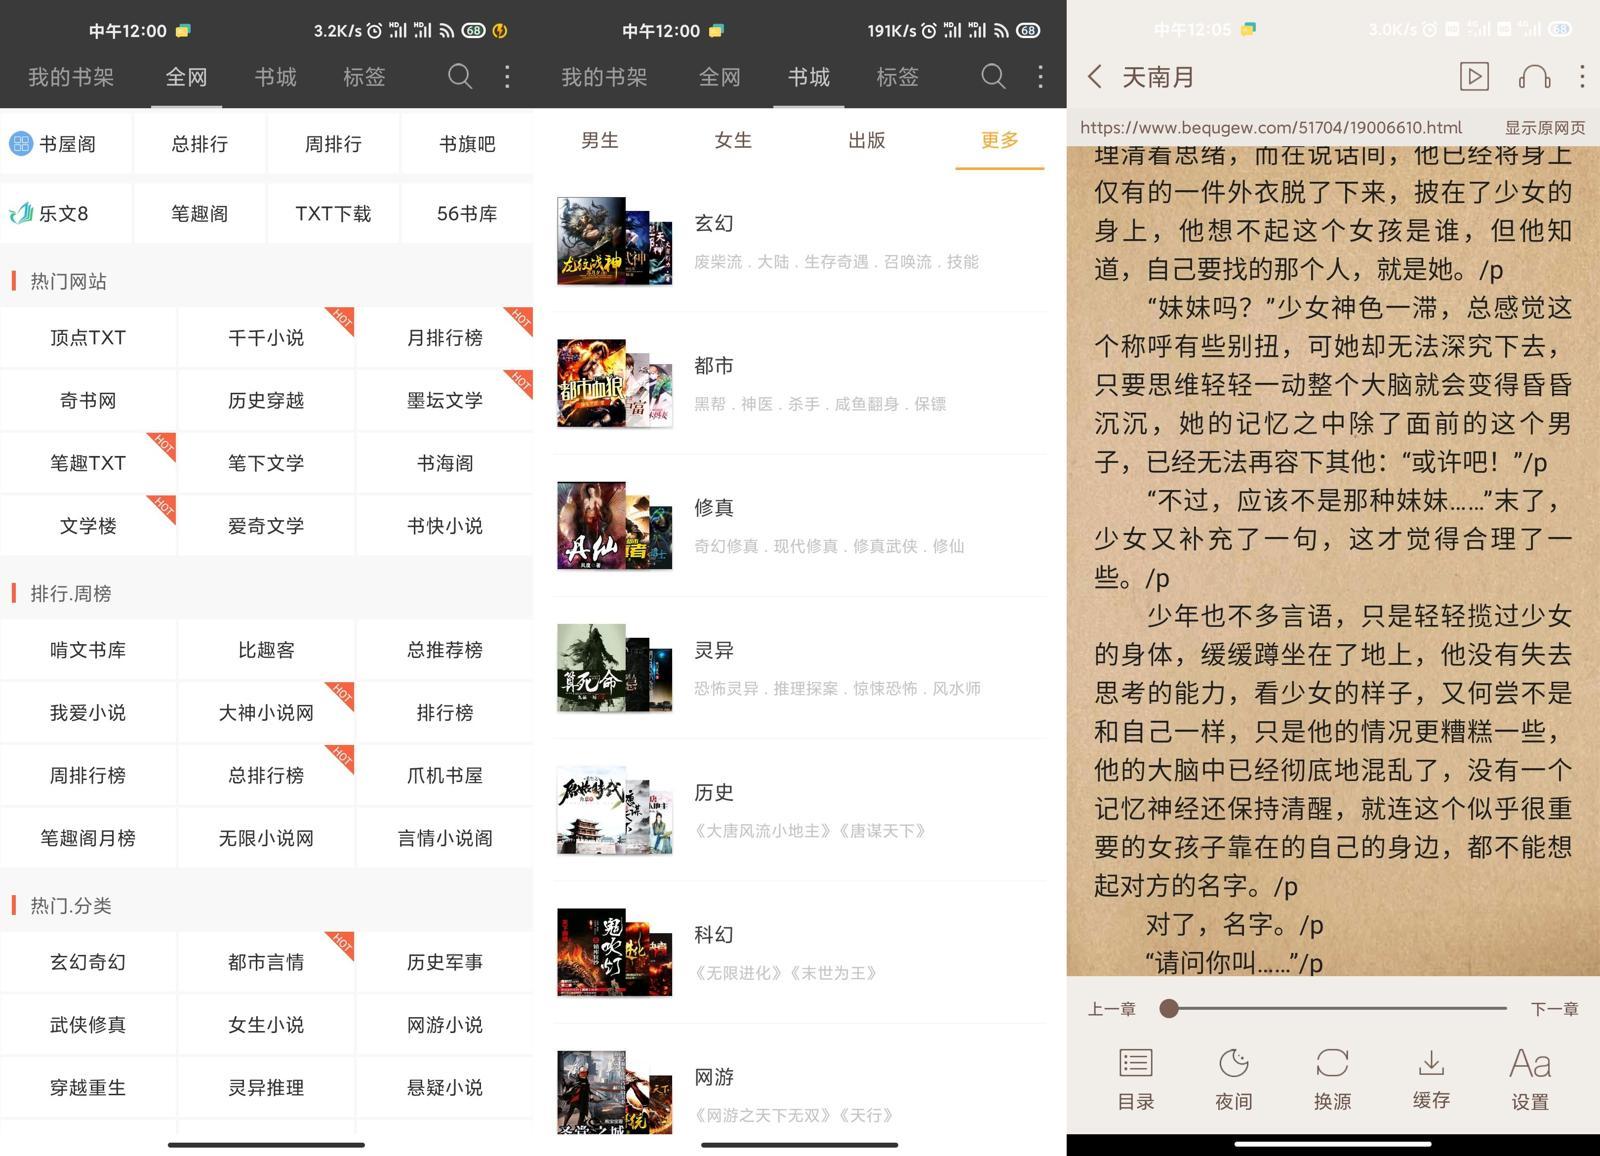 笔趣阁v5.0.226去广告绿化版 小说党必备软件【安卓】